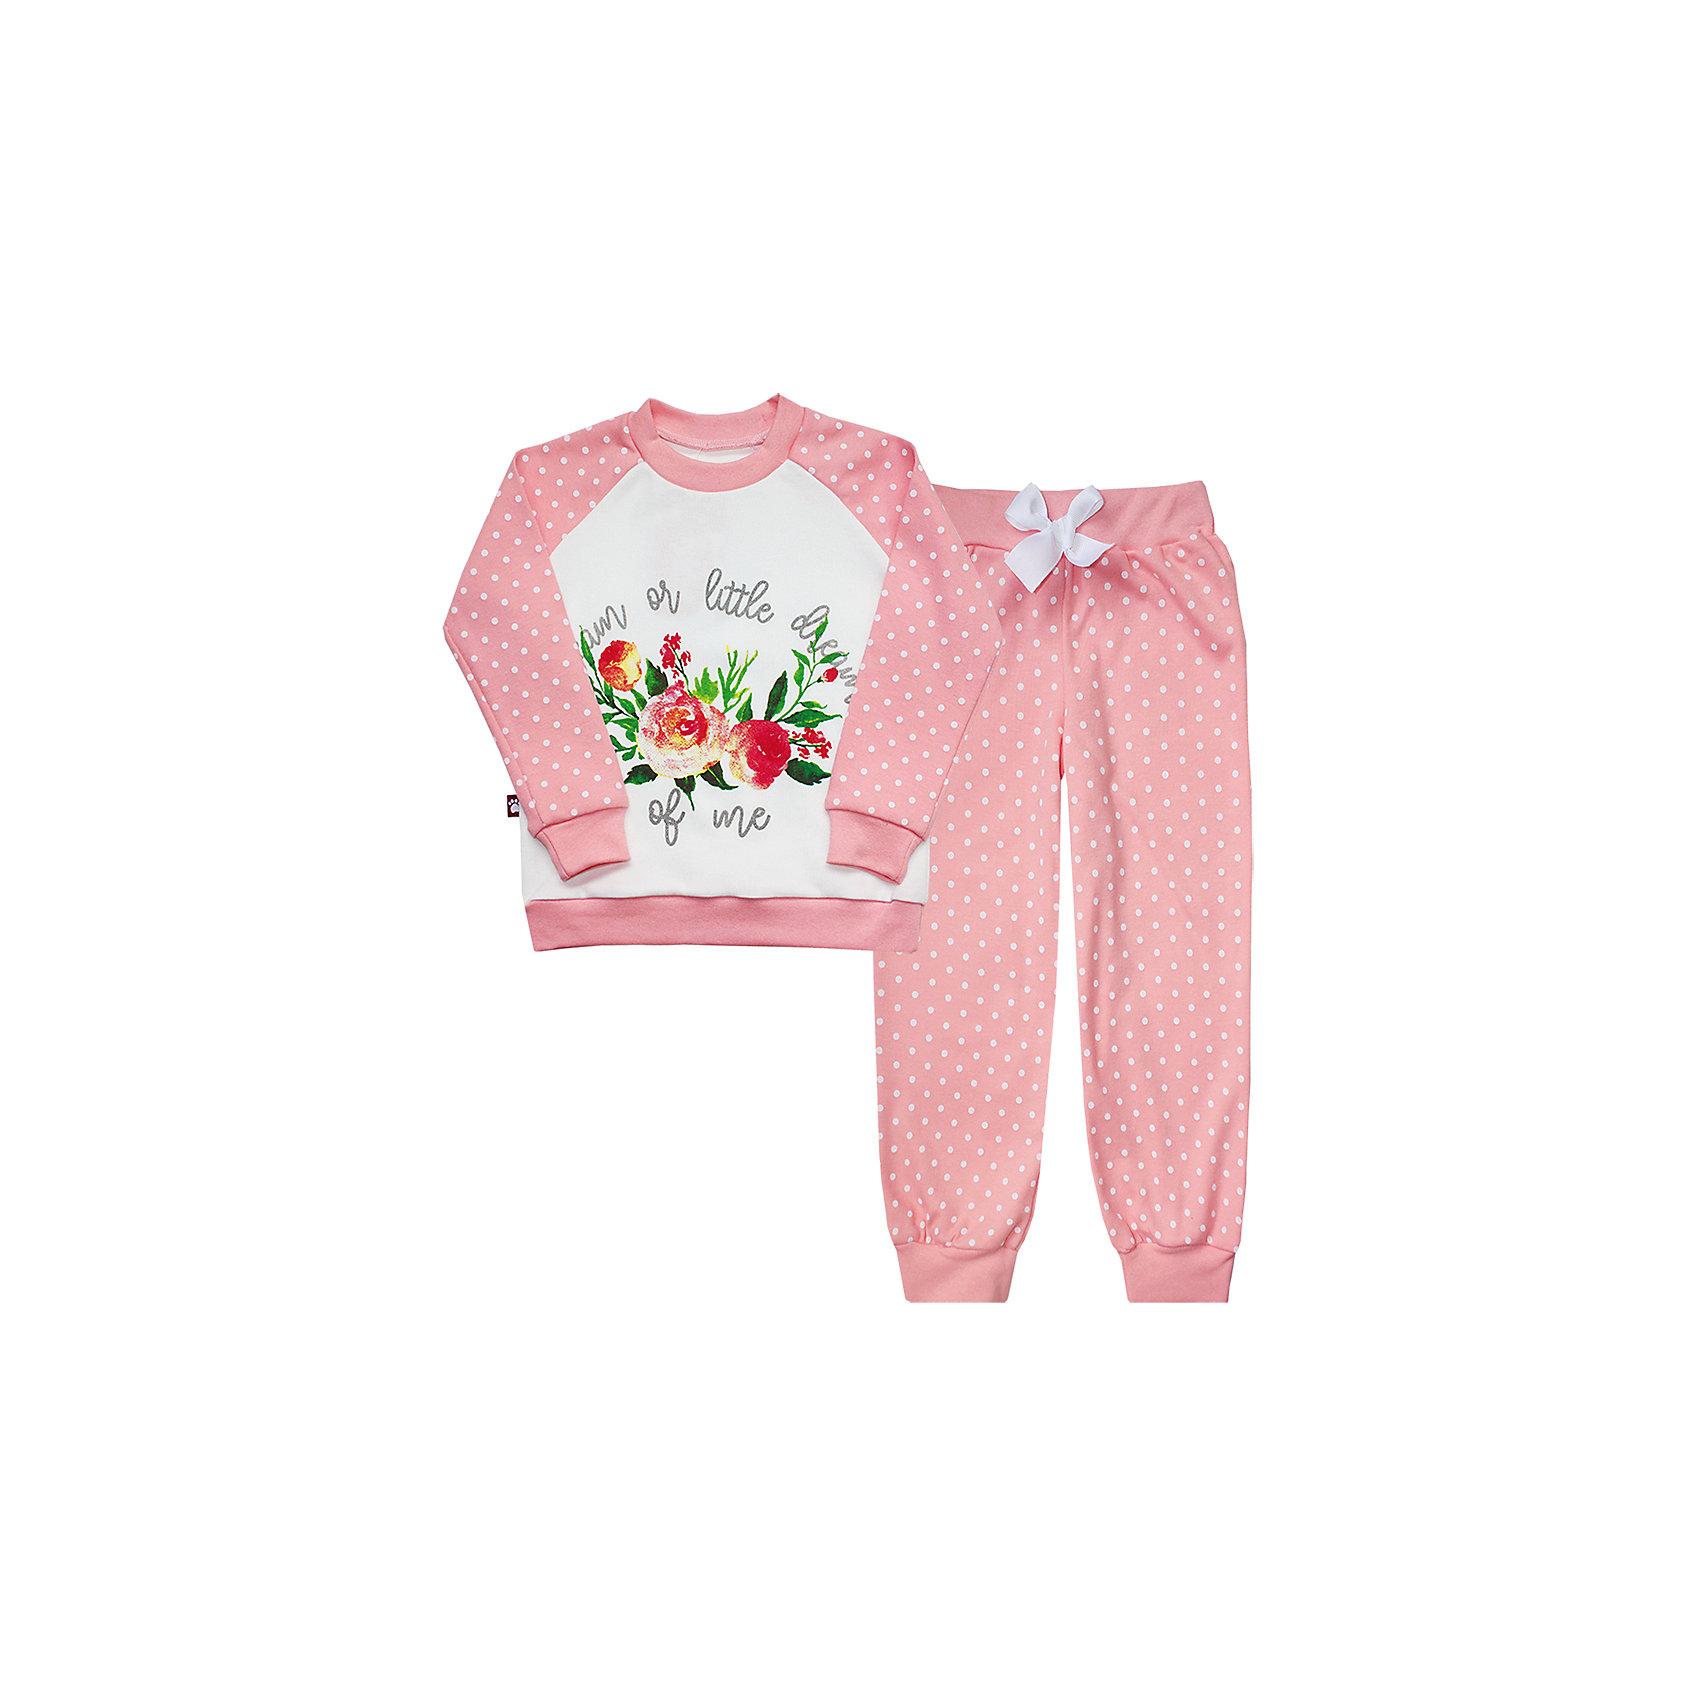 Пижама  для девочки KotMarKotПижамы и сорочки<br>Пижама  для девочки  известной марки KotMarKot.<br><br>Состав: 100% хлопок<br><br>Данную пижаму вы можете купить в нашем магазине.<br><br>Ширина мм: 281<br>Глубина мм: 70<br>Высота мм: 188<br>Вес г: 295<br>Цвет: розовый<br>Возраст от месяцев: 72<br>Возраст до месяцев: 84<br>Пол: Женский<br>Возраст: Детский<br>Размер: 122,92,98,104,110,116<br>SKU: 4906525